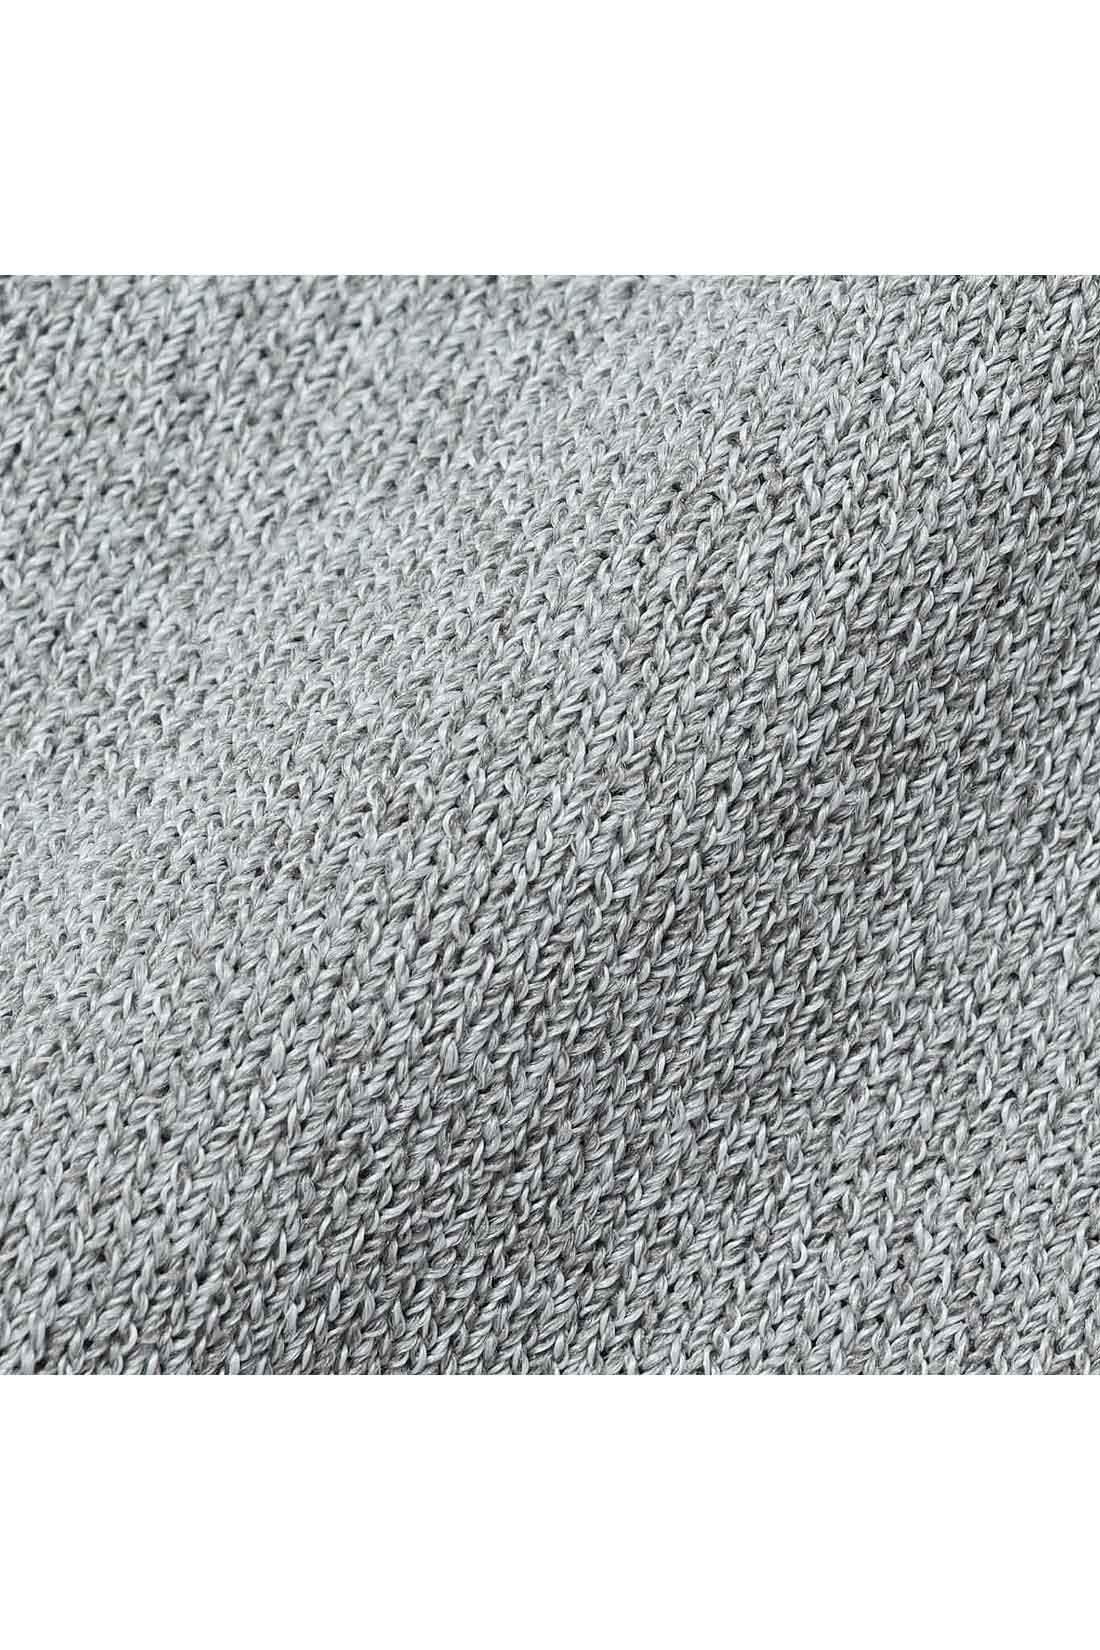 Tシャツ感覚でロングシーズン着られるシャリ感ニット。